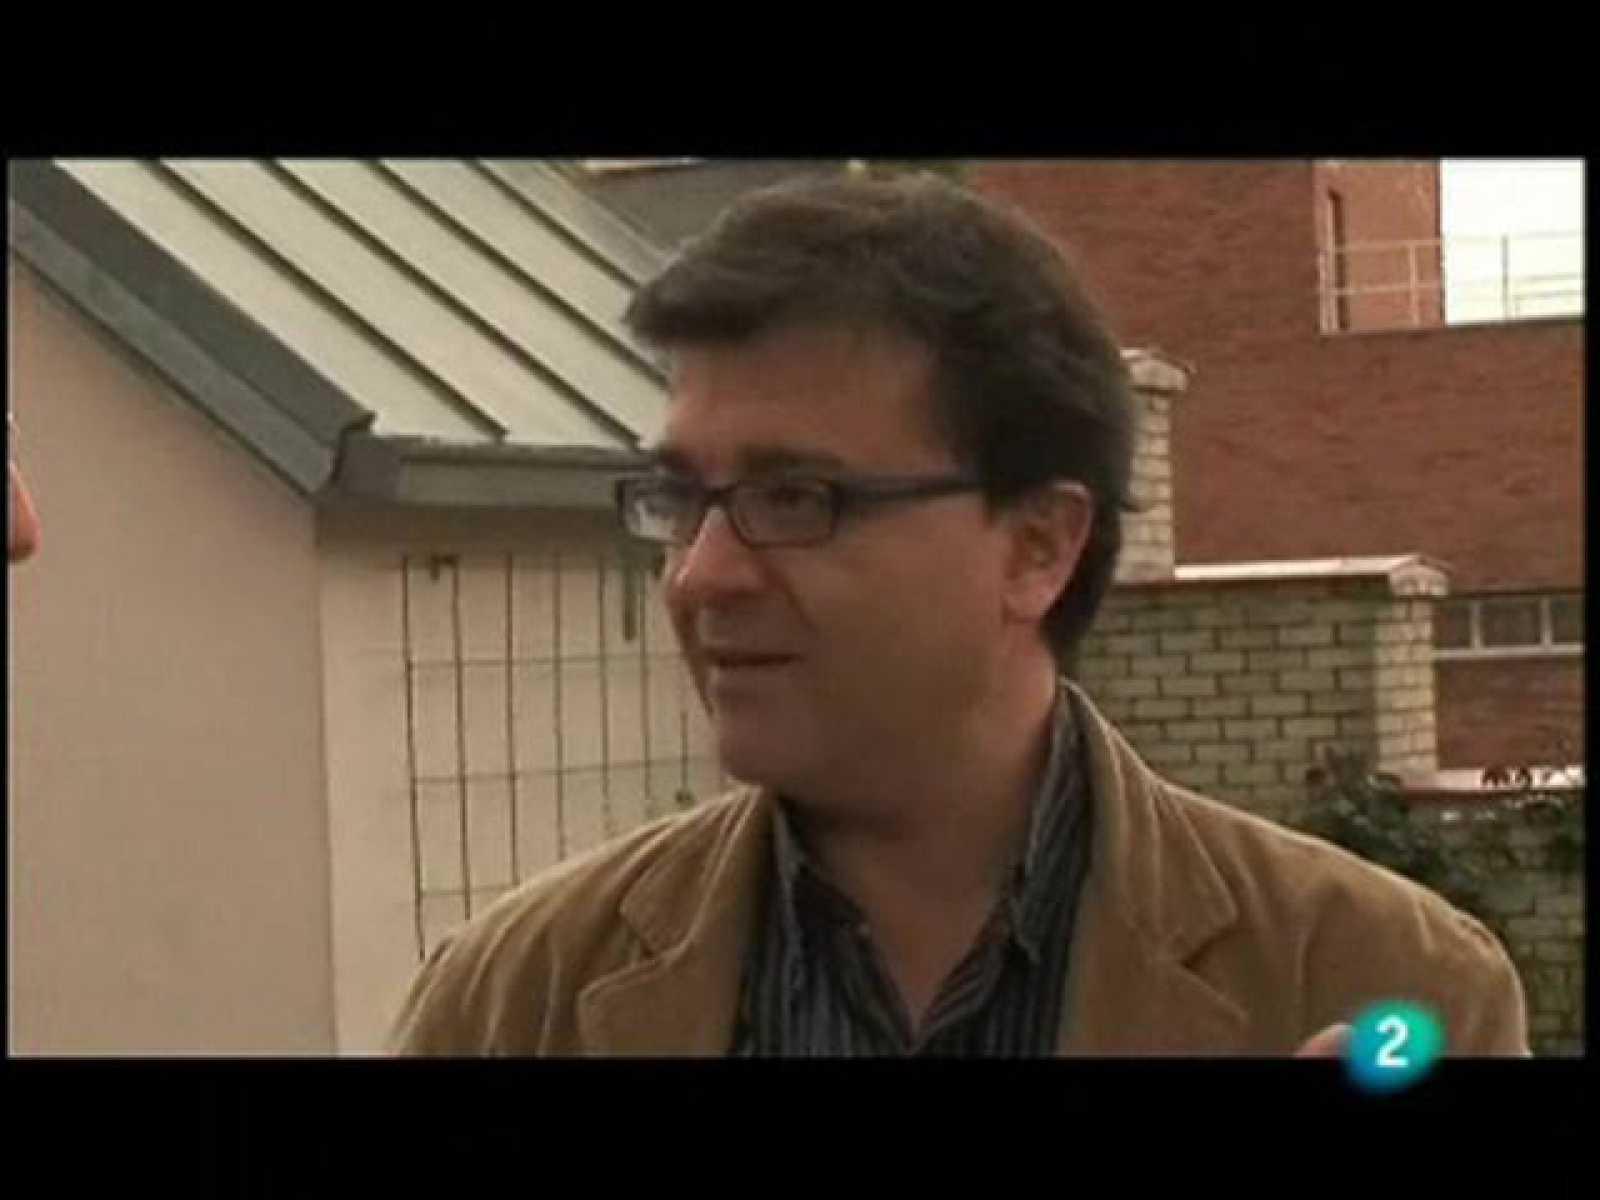 Página 2 - Javier Cercas 03/05/2009